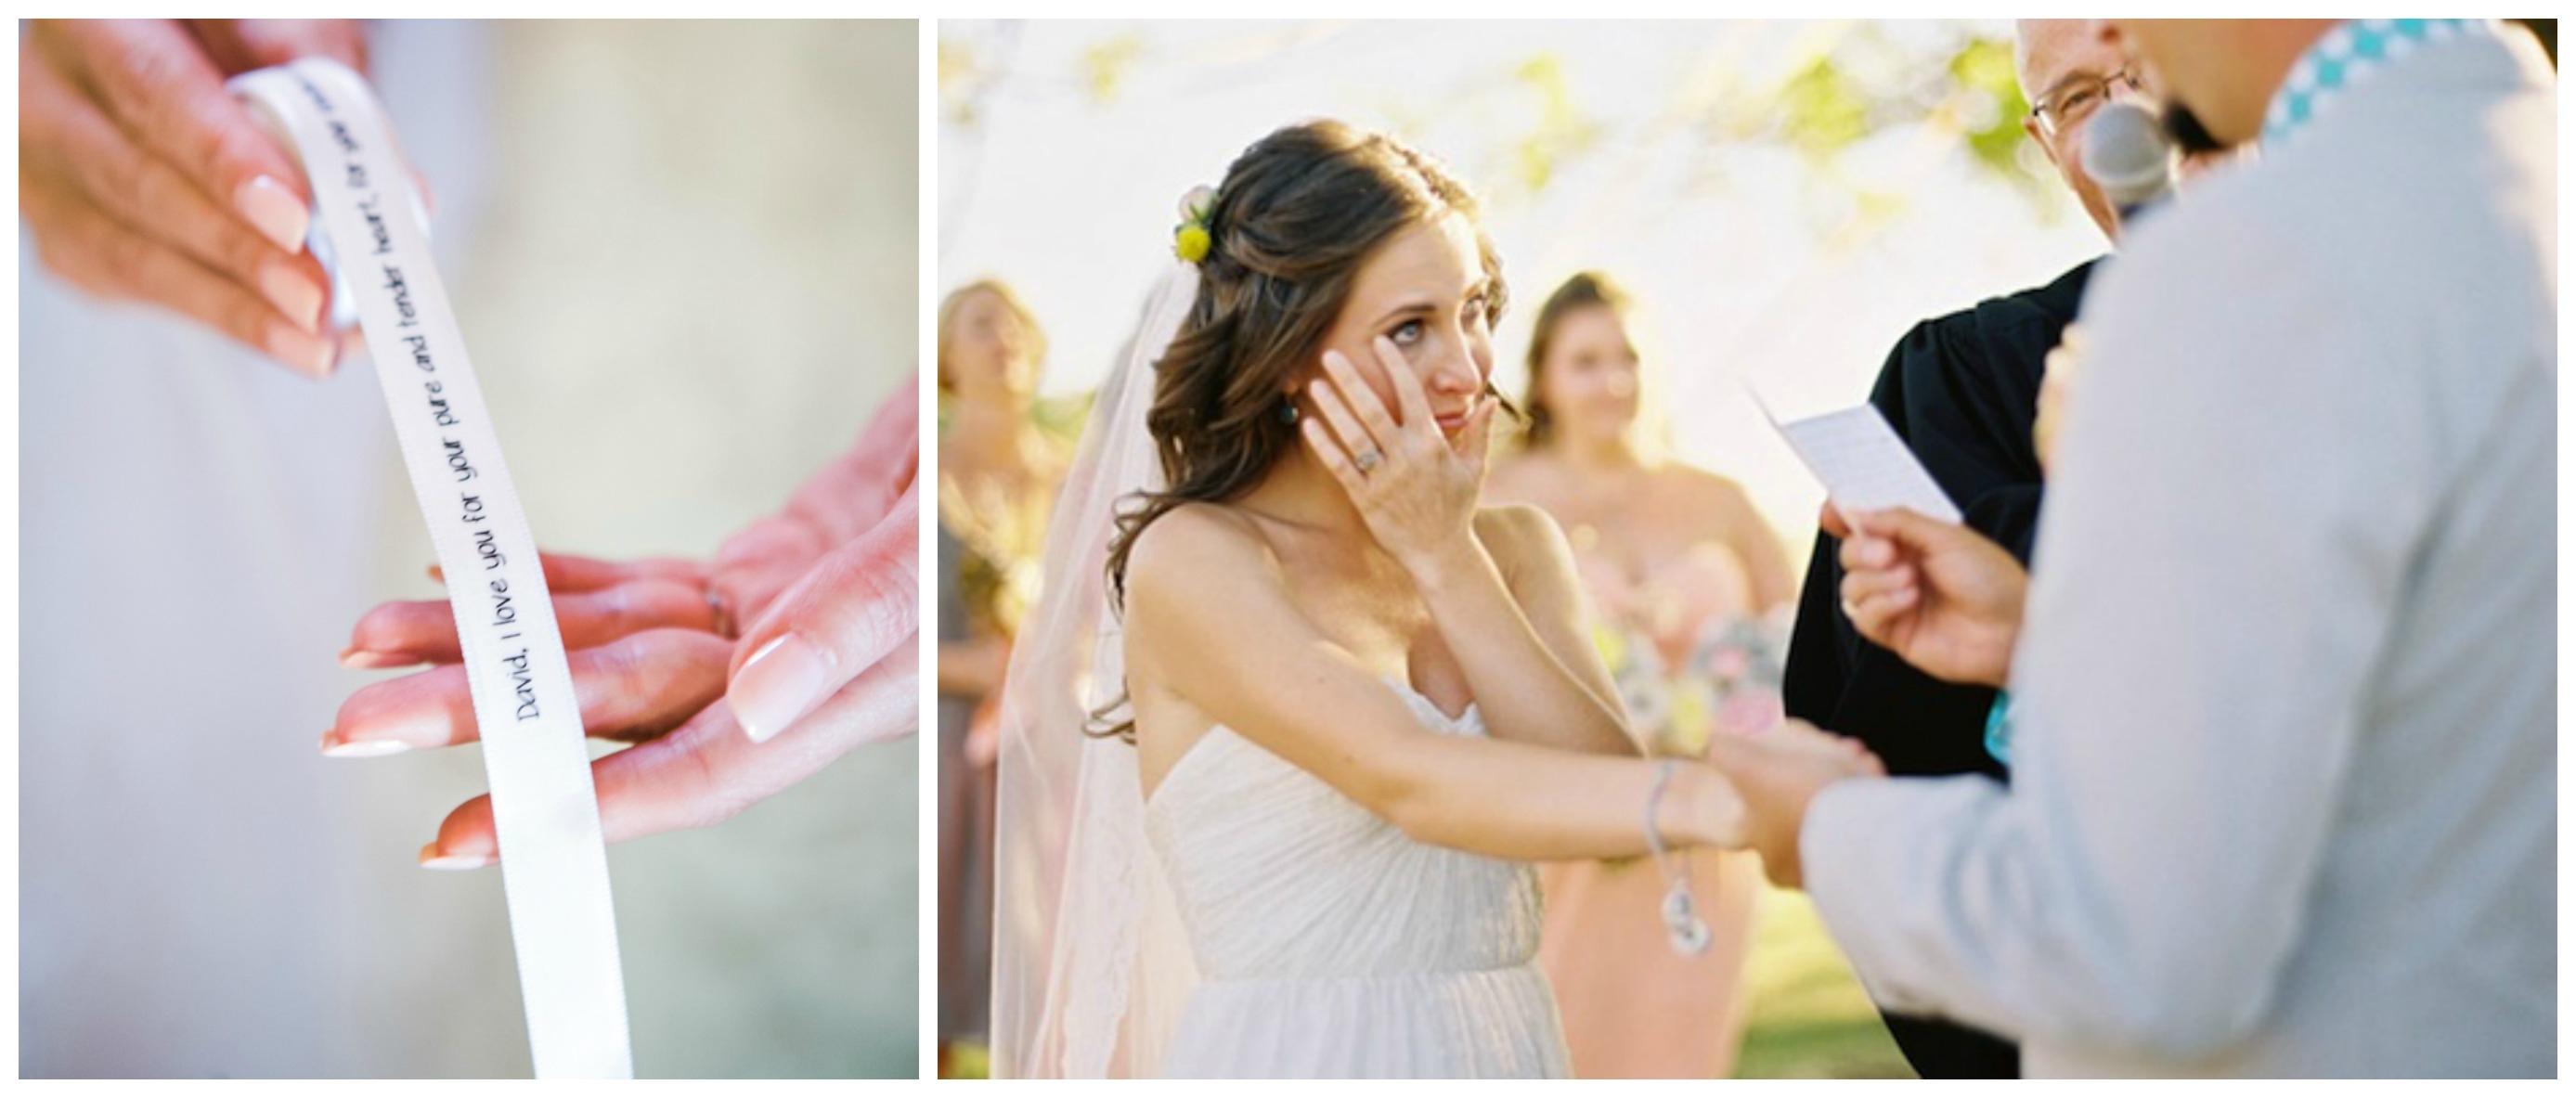 Что читают во время свадьбы